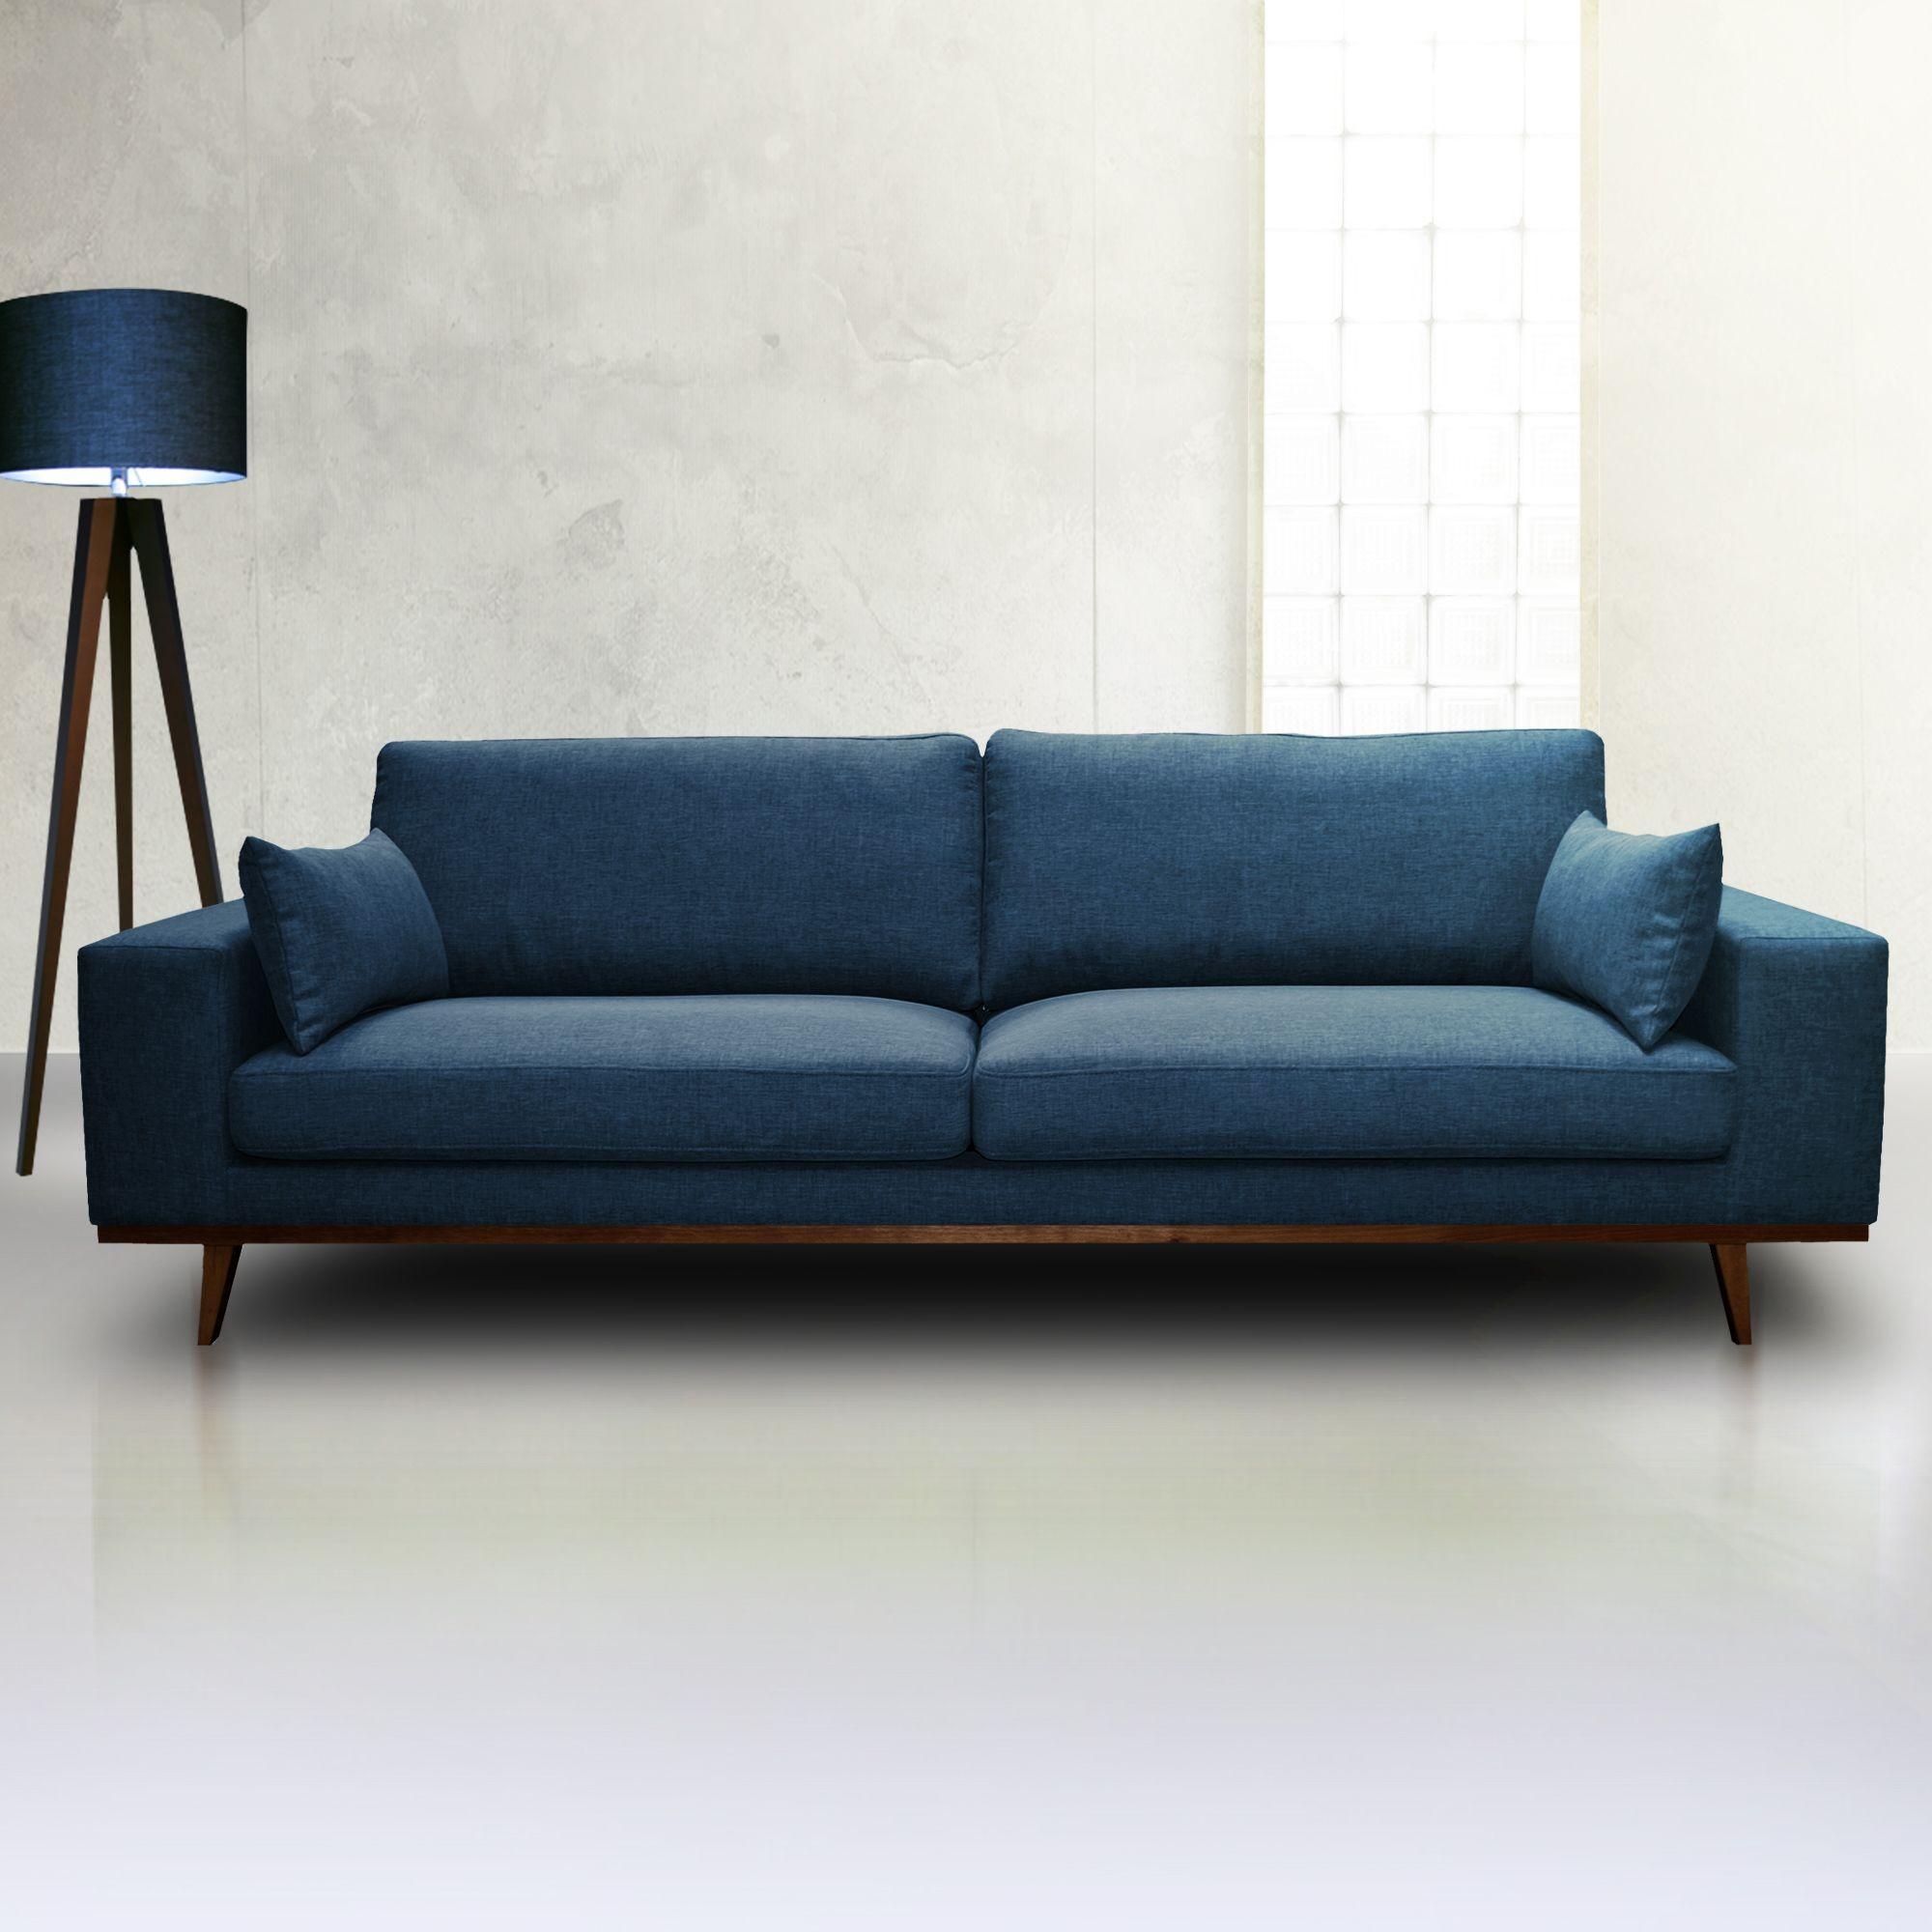 Lit Canapé Escamotable Ikea Beau Images Lit Armoire Canapé Beautiful Canap En U Convertible 12 Full Canape D